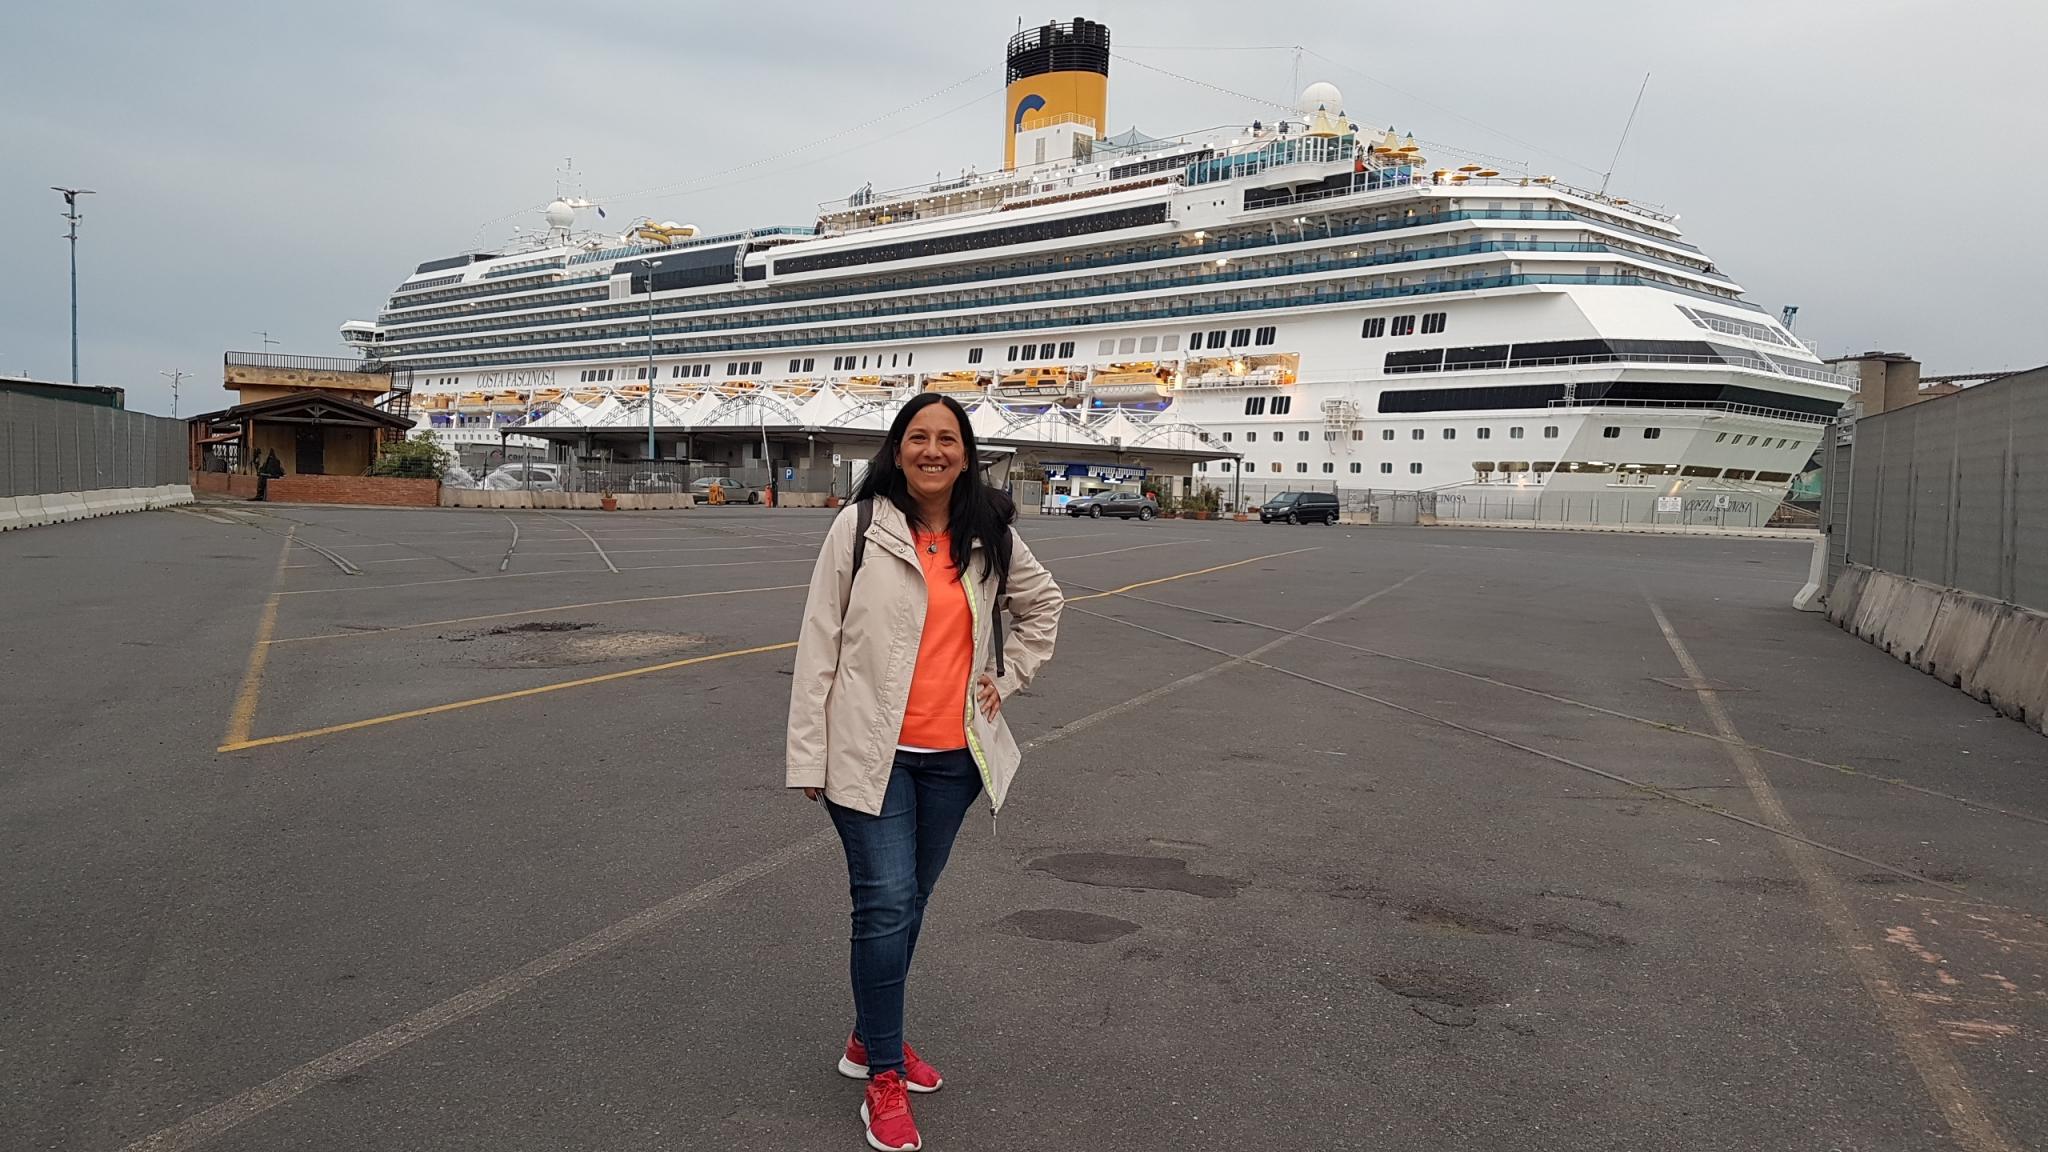 105c0c8fb Un año mas tuve la hermosa oportunidad de realizar el viaje transatlántico  que marca el fin de la temporada de cruceros en Argentina de la naviera  italiana ...